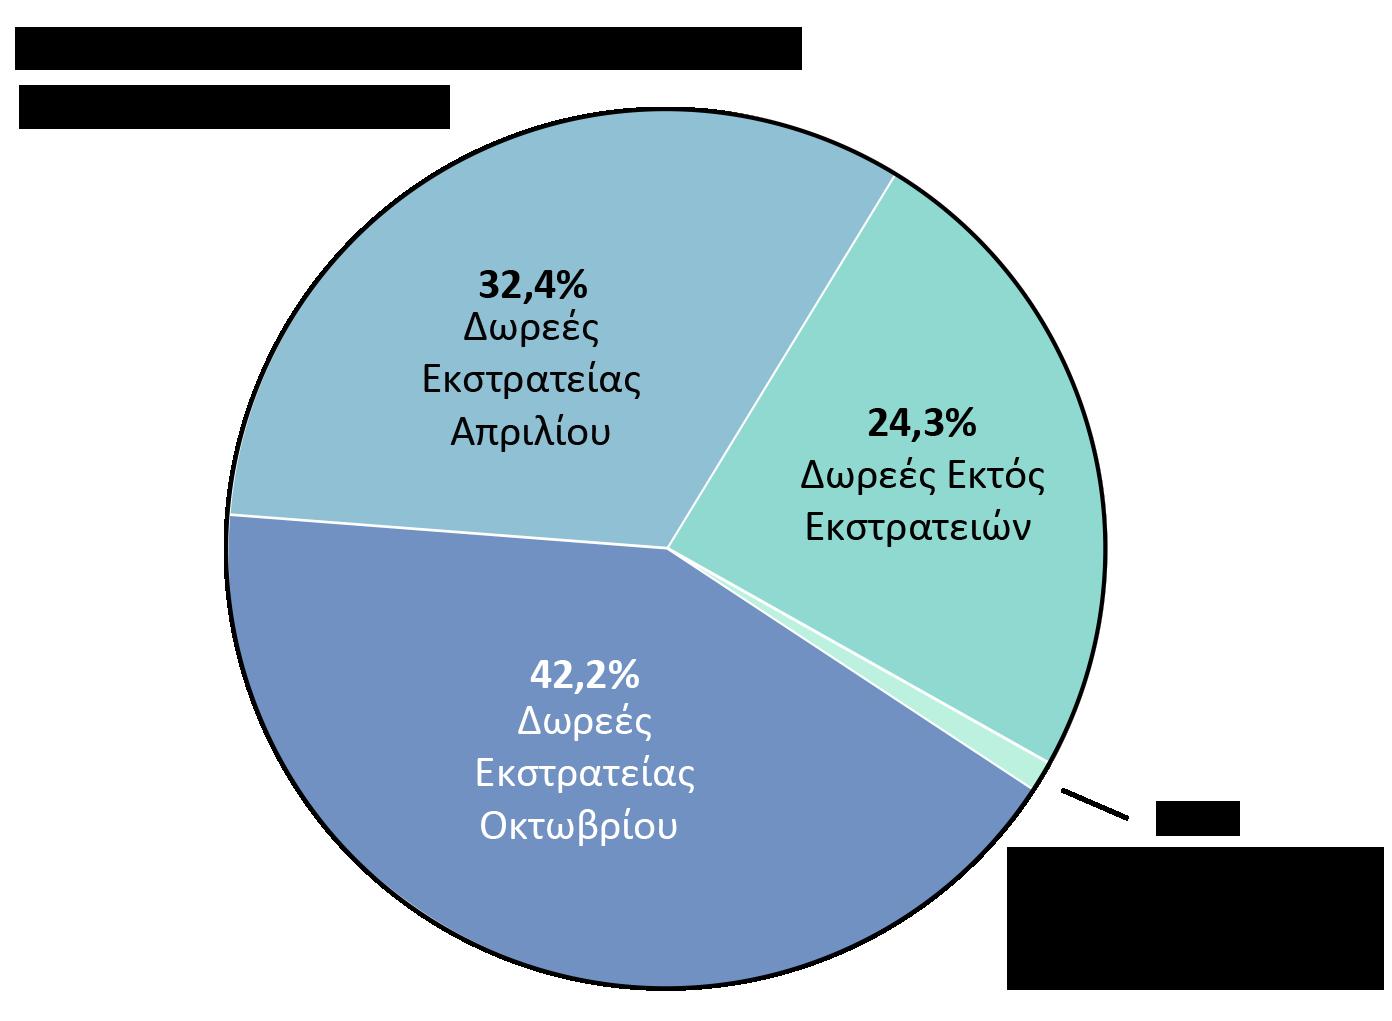 Έσοδα OTW: Δωρεές εκστρατείας Απριλίου: 32,4%. Δωρεές εκστρατείας Οκτωβρίου: 42,2%. Δωρεές εκτός εκστρατειών: 24,3%. Δωρεές από εταιρικά προγράμματα ισόποσης δωρεάς: 1,1%.